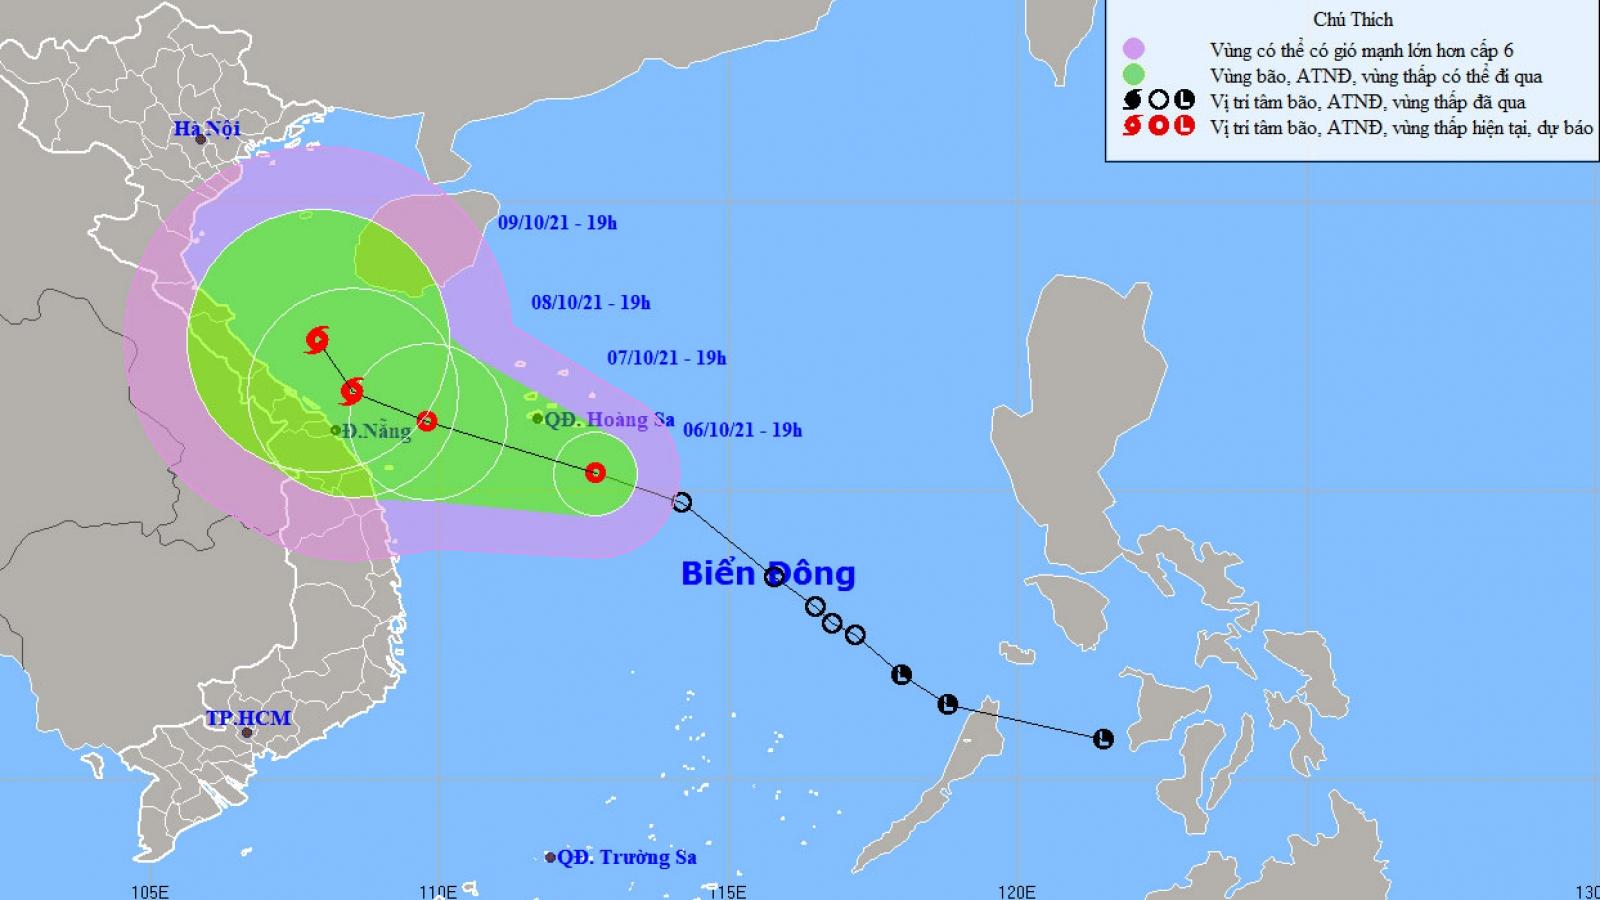 Áp thấp nhiệt đới cách quần đảo Hoàng Sa khoảng 180km về phía Nam